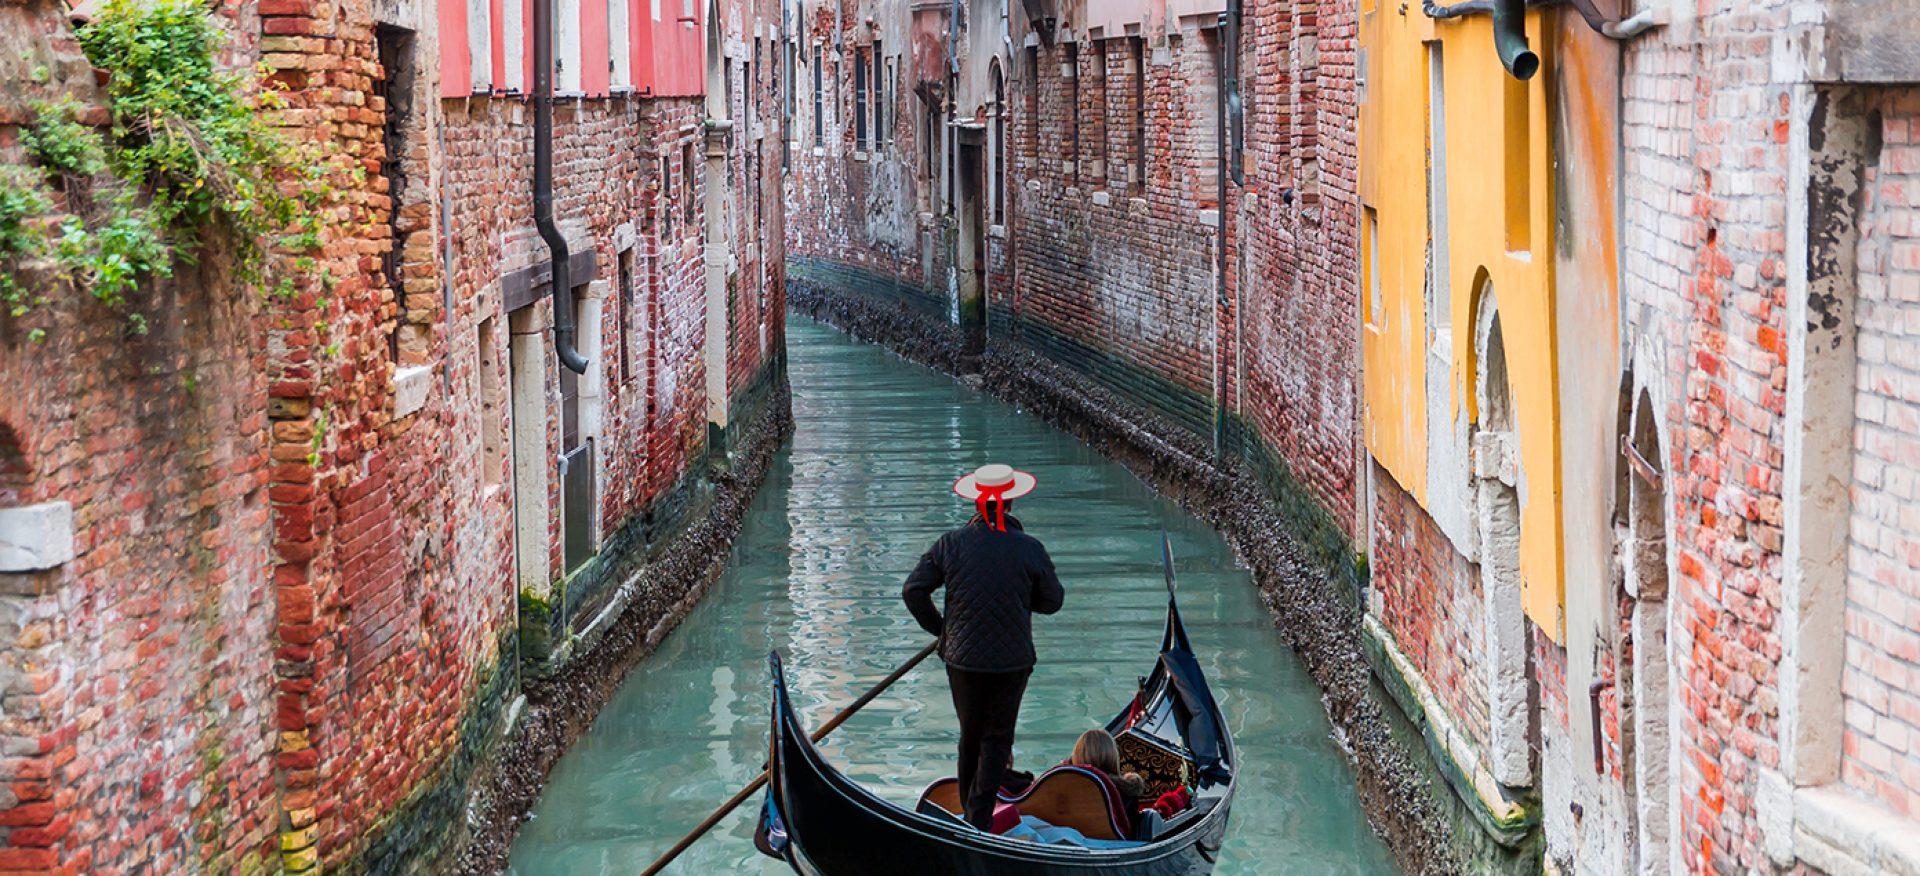 Αεροπορικό ταξίδι στην Ιταλία - Ταξιδέψτε στη Ρώμη, το Μιλάνο, τη Βενετία, τη Φλωρεντία και τη Βερόνα | Καλοκαίρι με το Prima Holidays